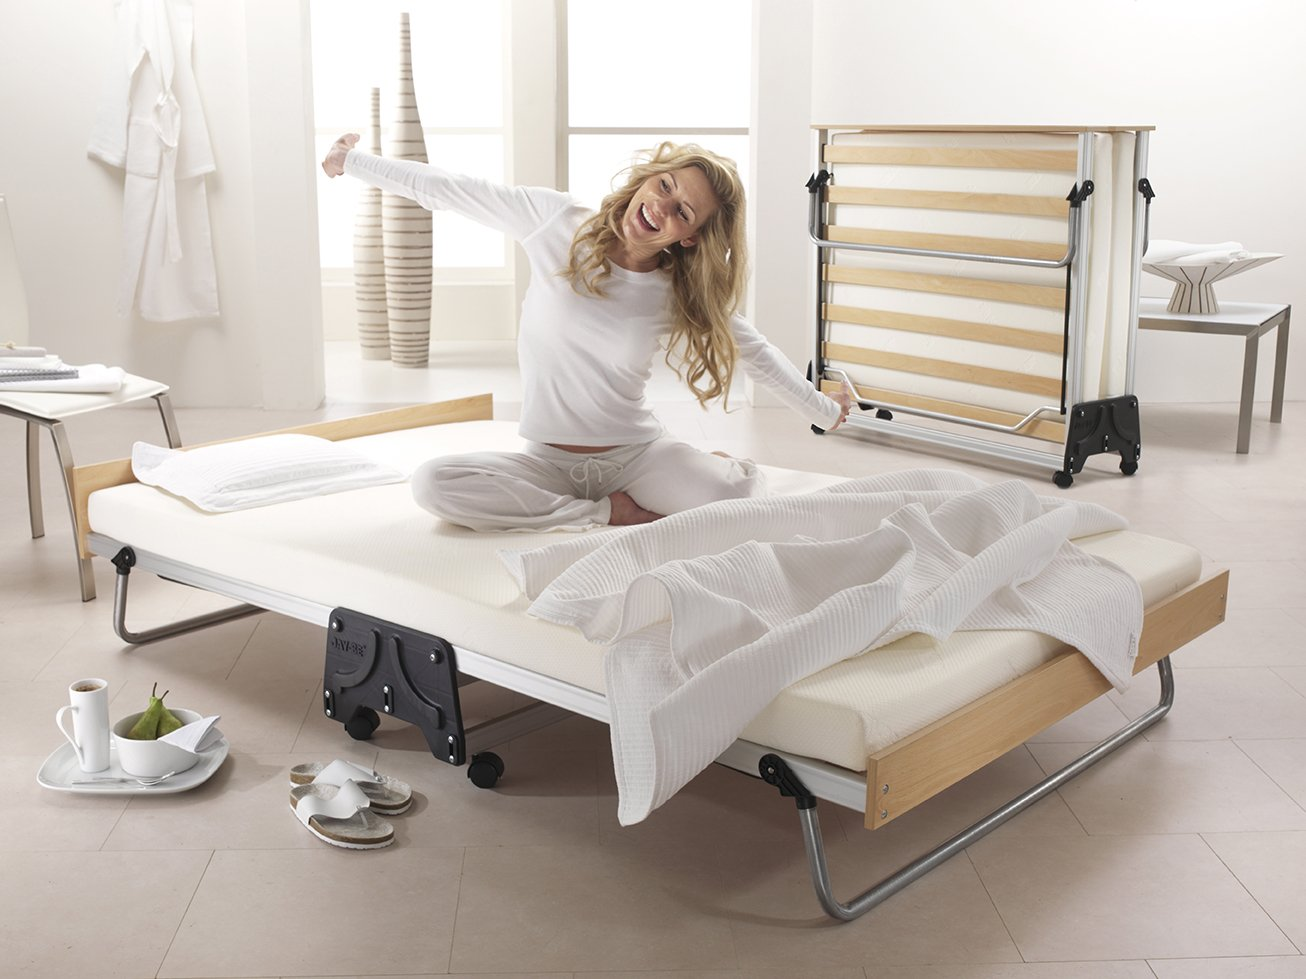 JAY-BE J-cama de invitados plegable modelo con forma de colchón de espuma con efecto memoria, tela, plateado, Doble (135 x 190 cm): Amazon.es: Hogar